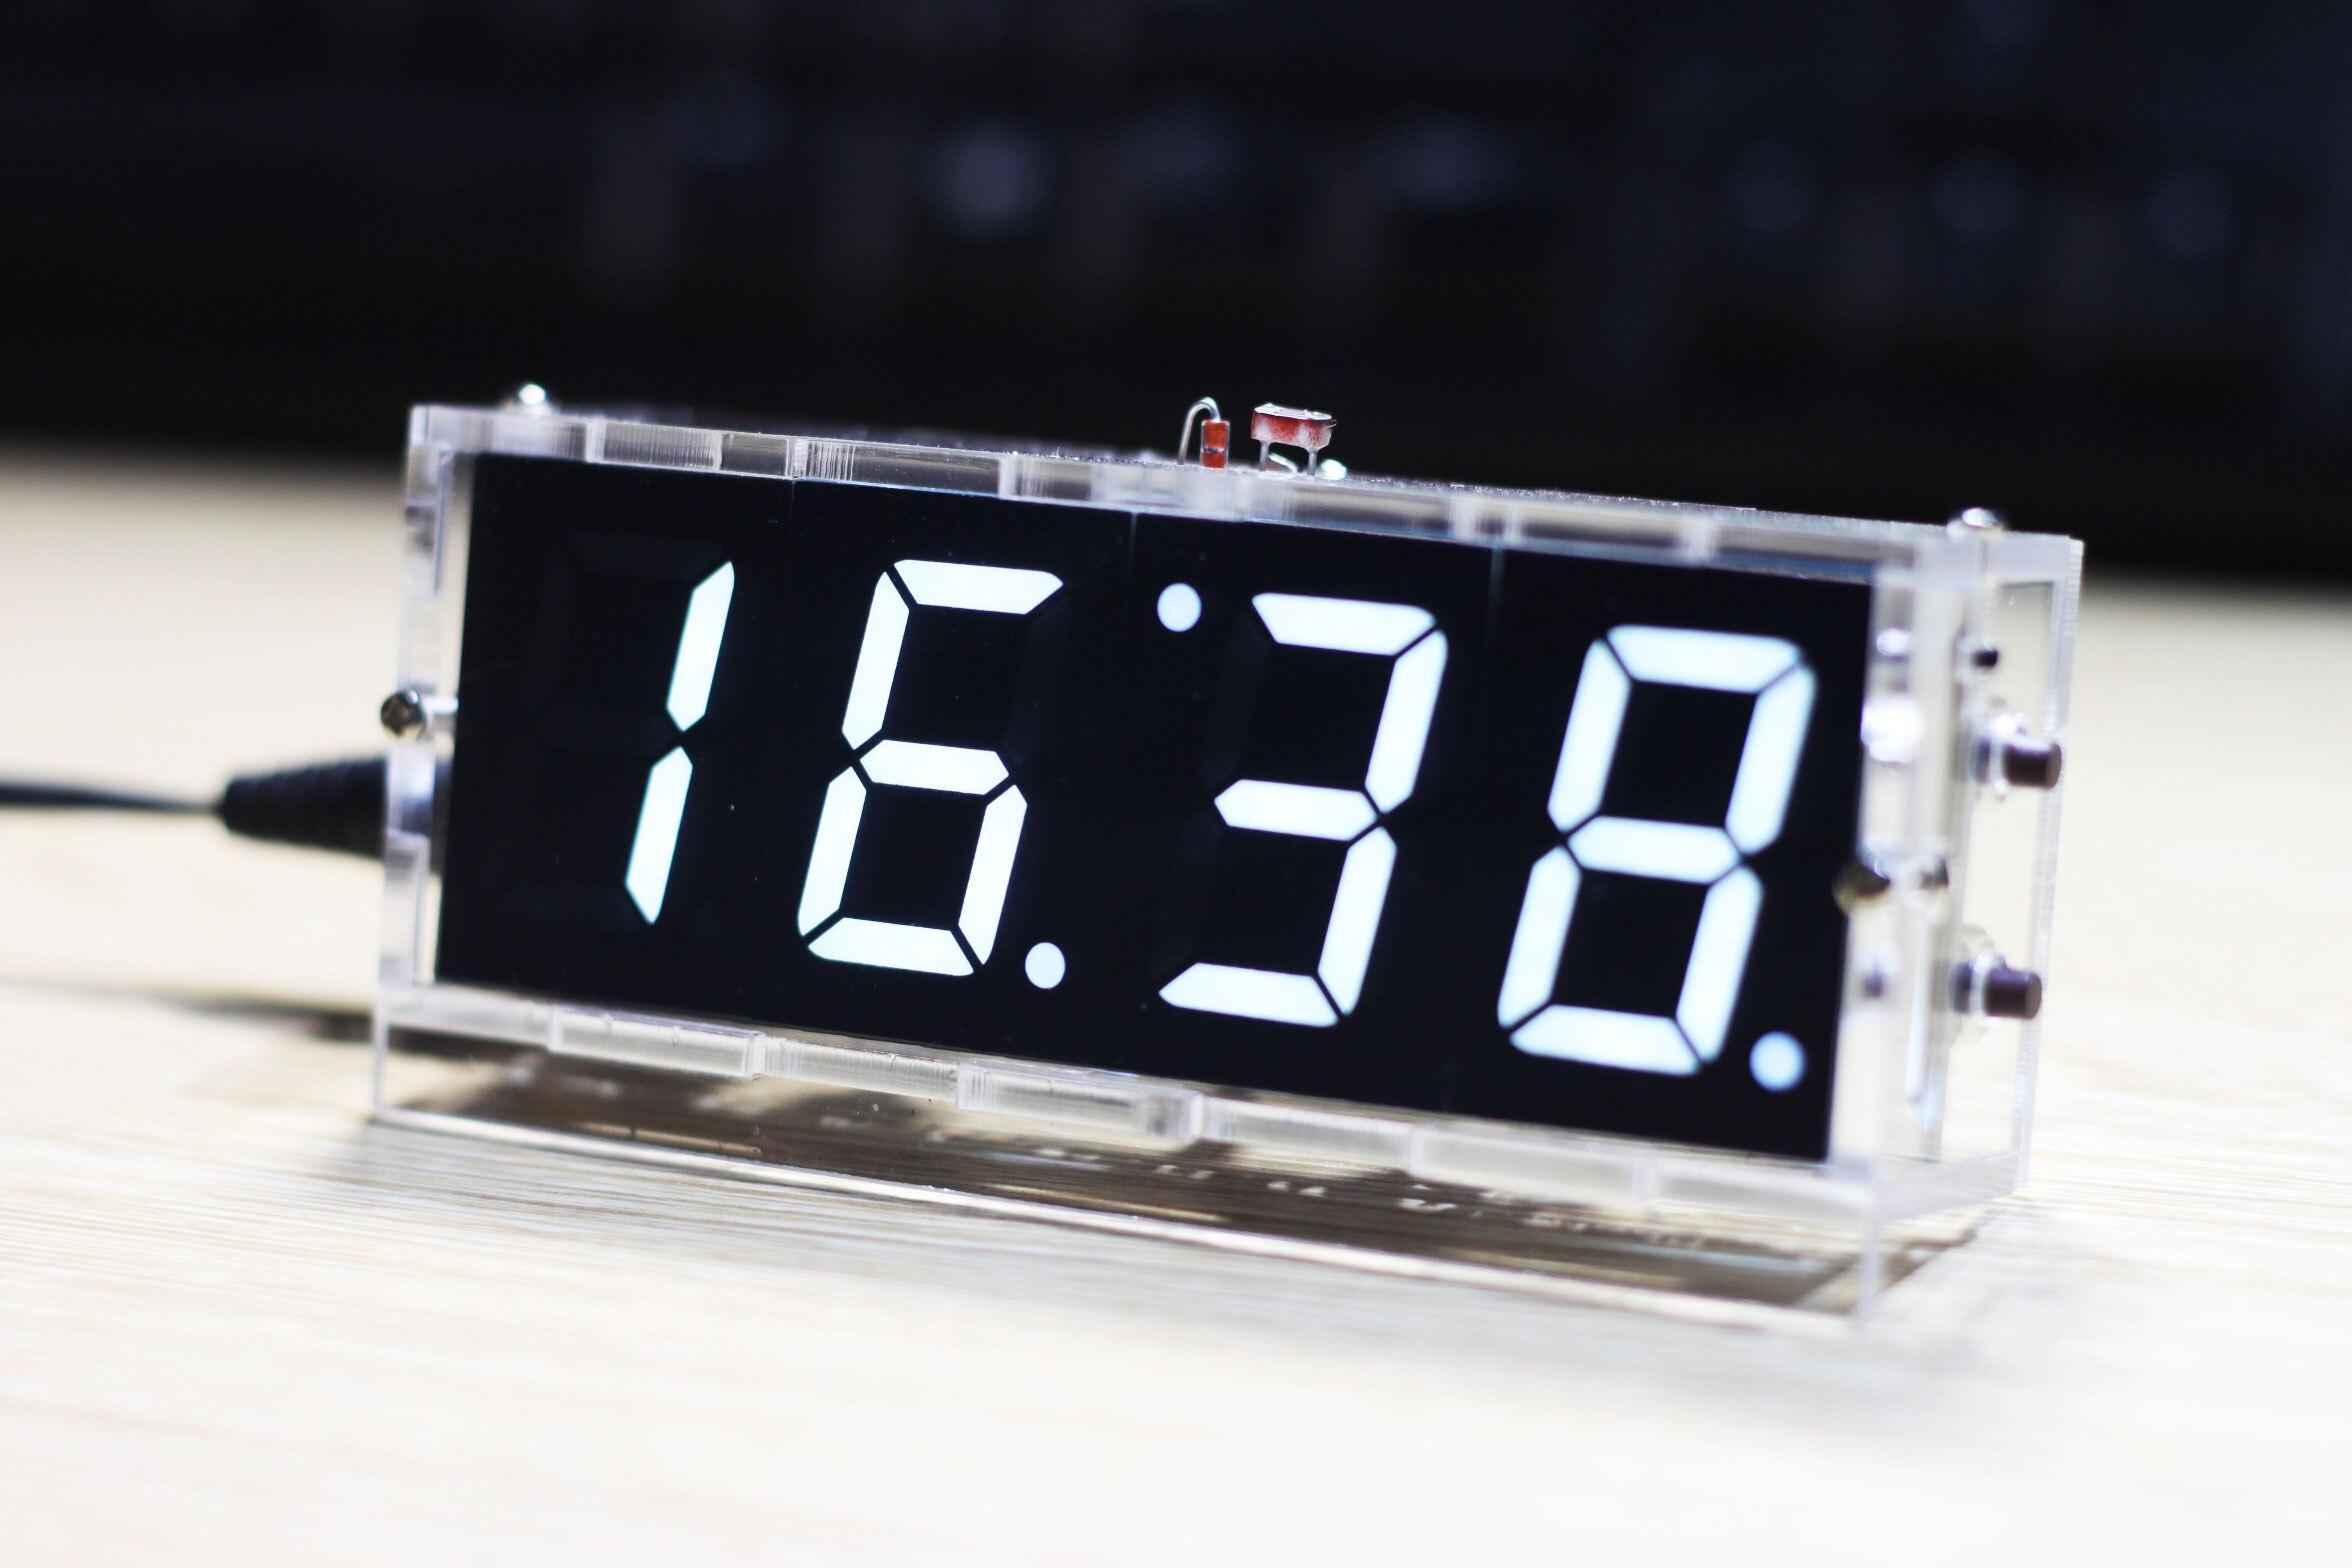 Weiß LED Elektronische Uhr Mikrocontroller Digitale Uhr Zeit Thermometer DIY Kit Mit PDF Tutorial